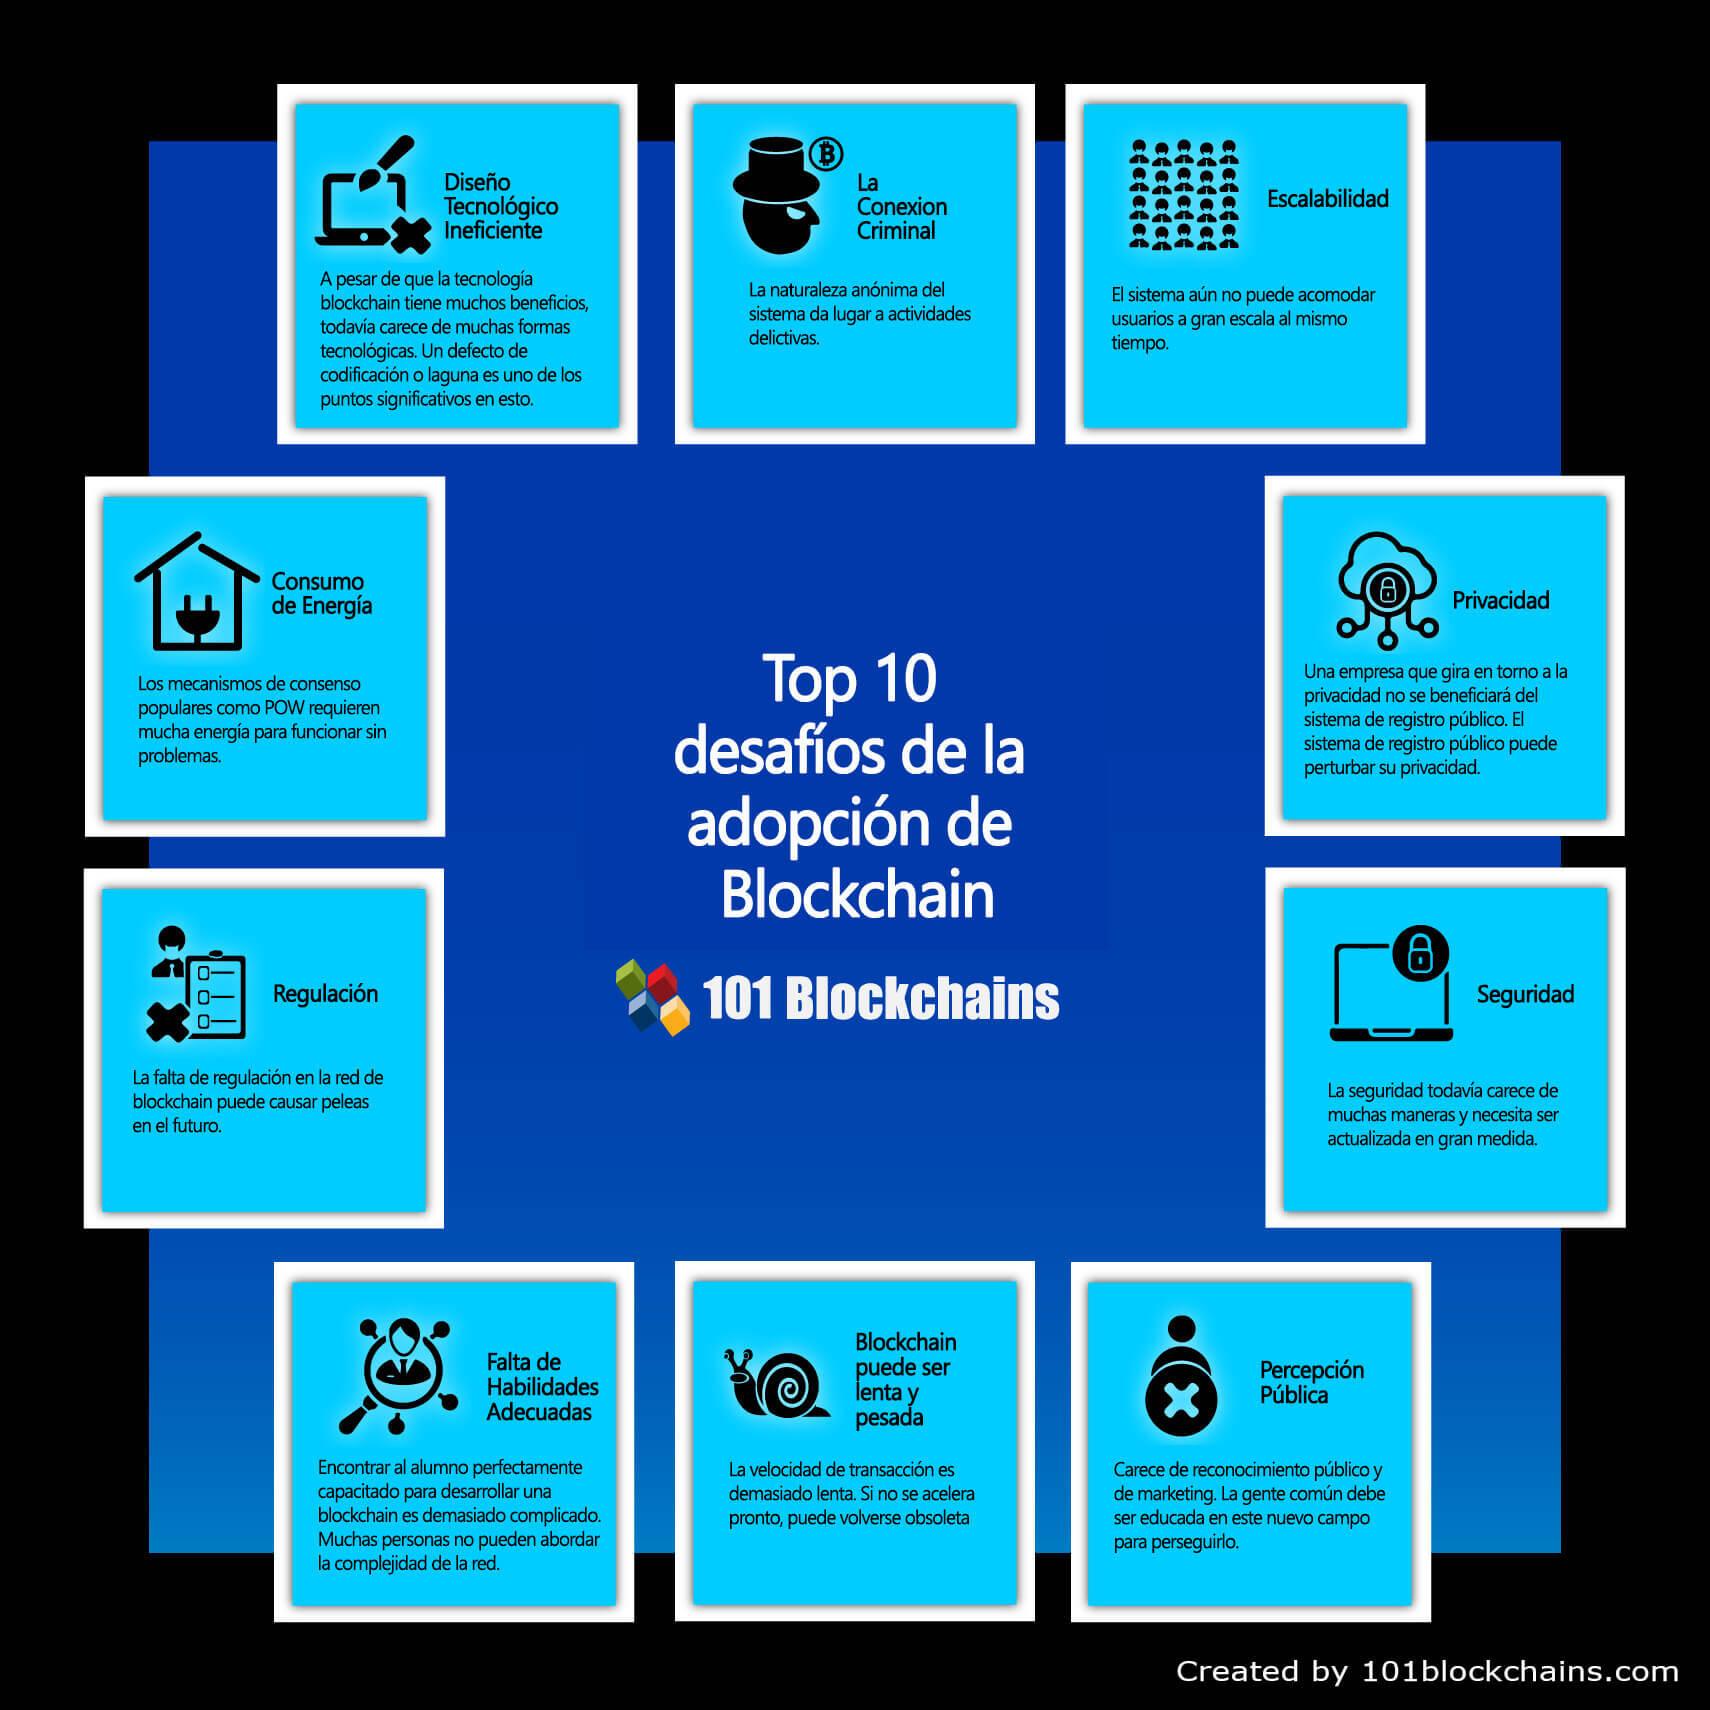 Desafíos de la adopción de blockchain - Infografía